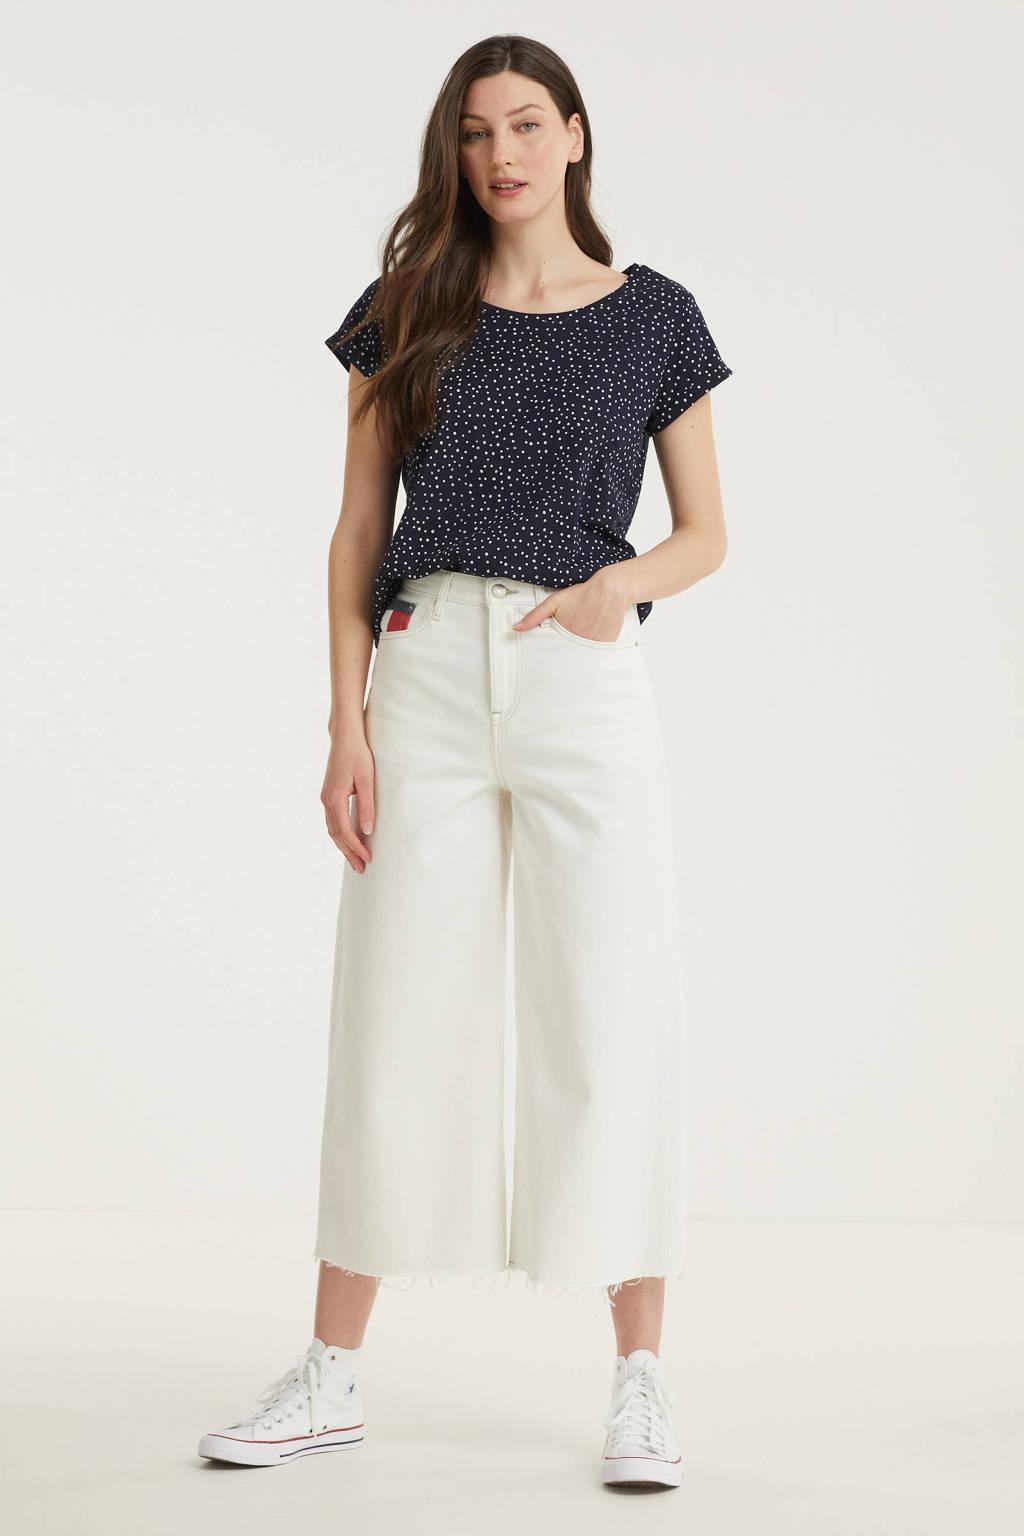 ESPRIT Women Casual T-shirt van biologisch katoen donkerblauw/wit, Donkerblauw/wit